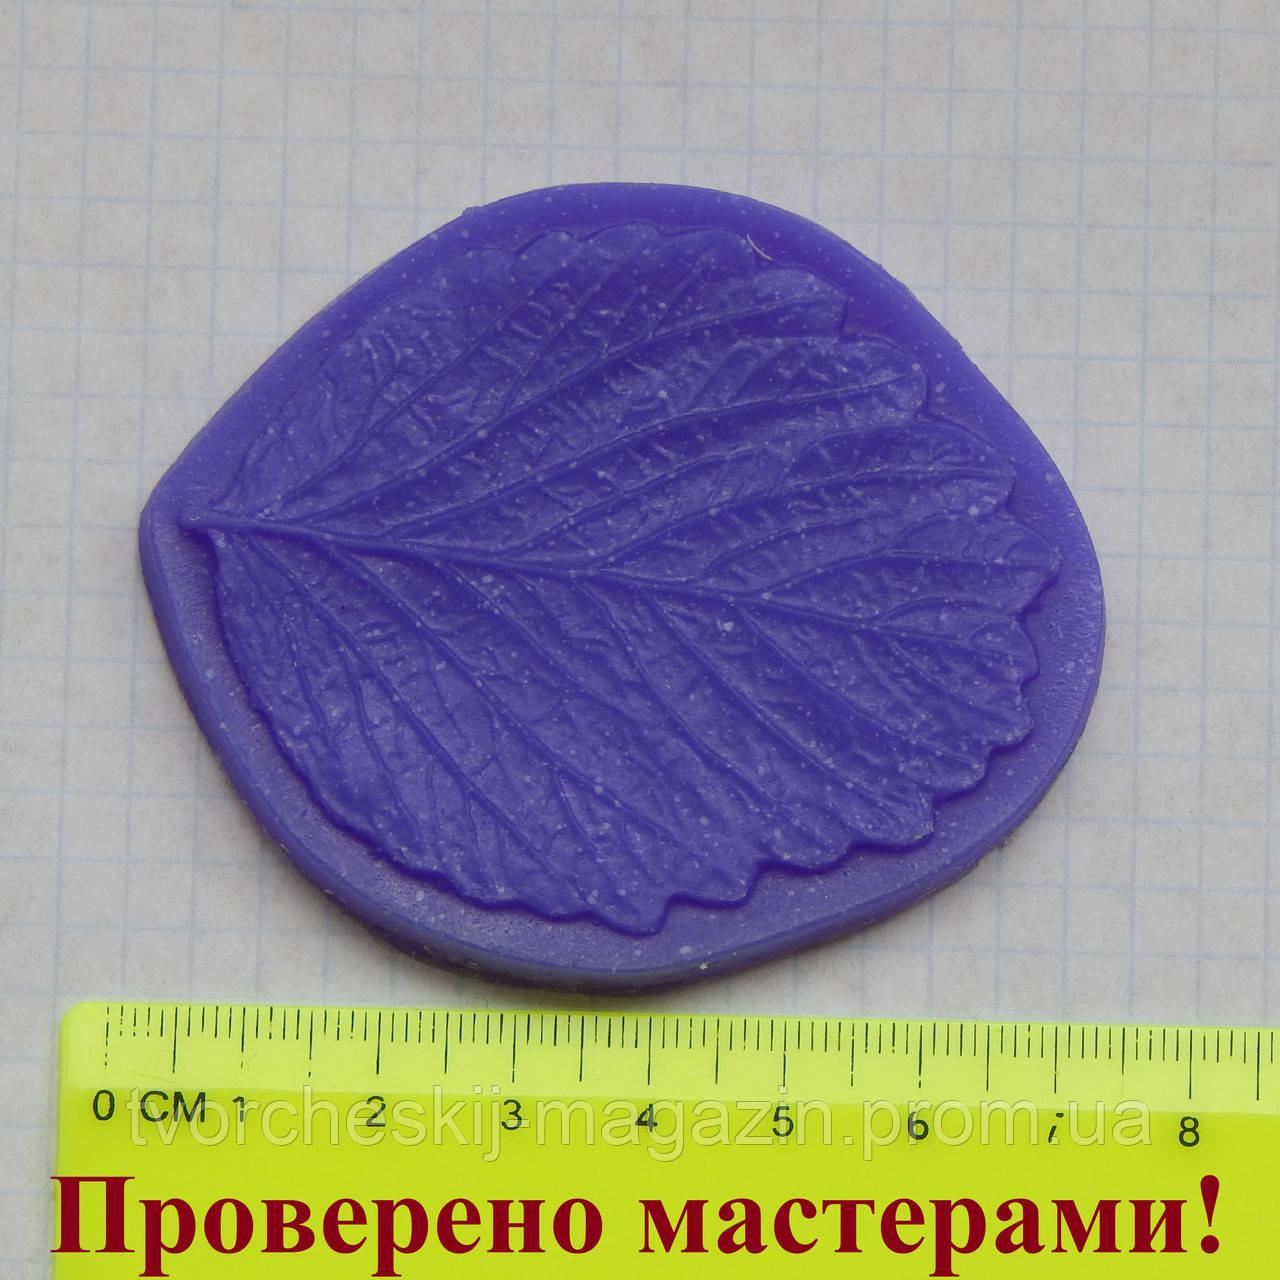 Молд Лист клубники, пластик, 6,5*5 см